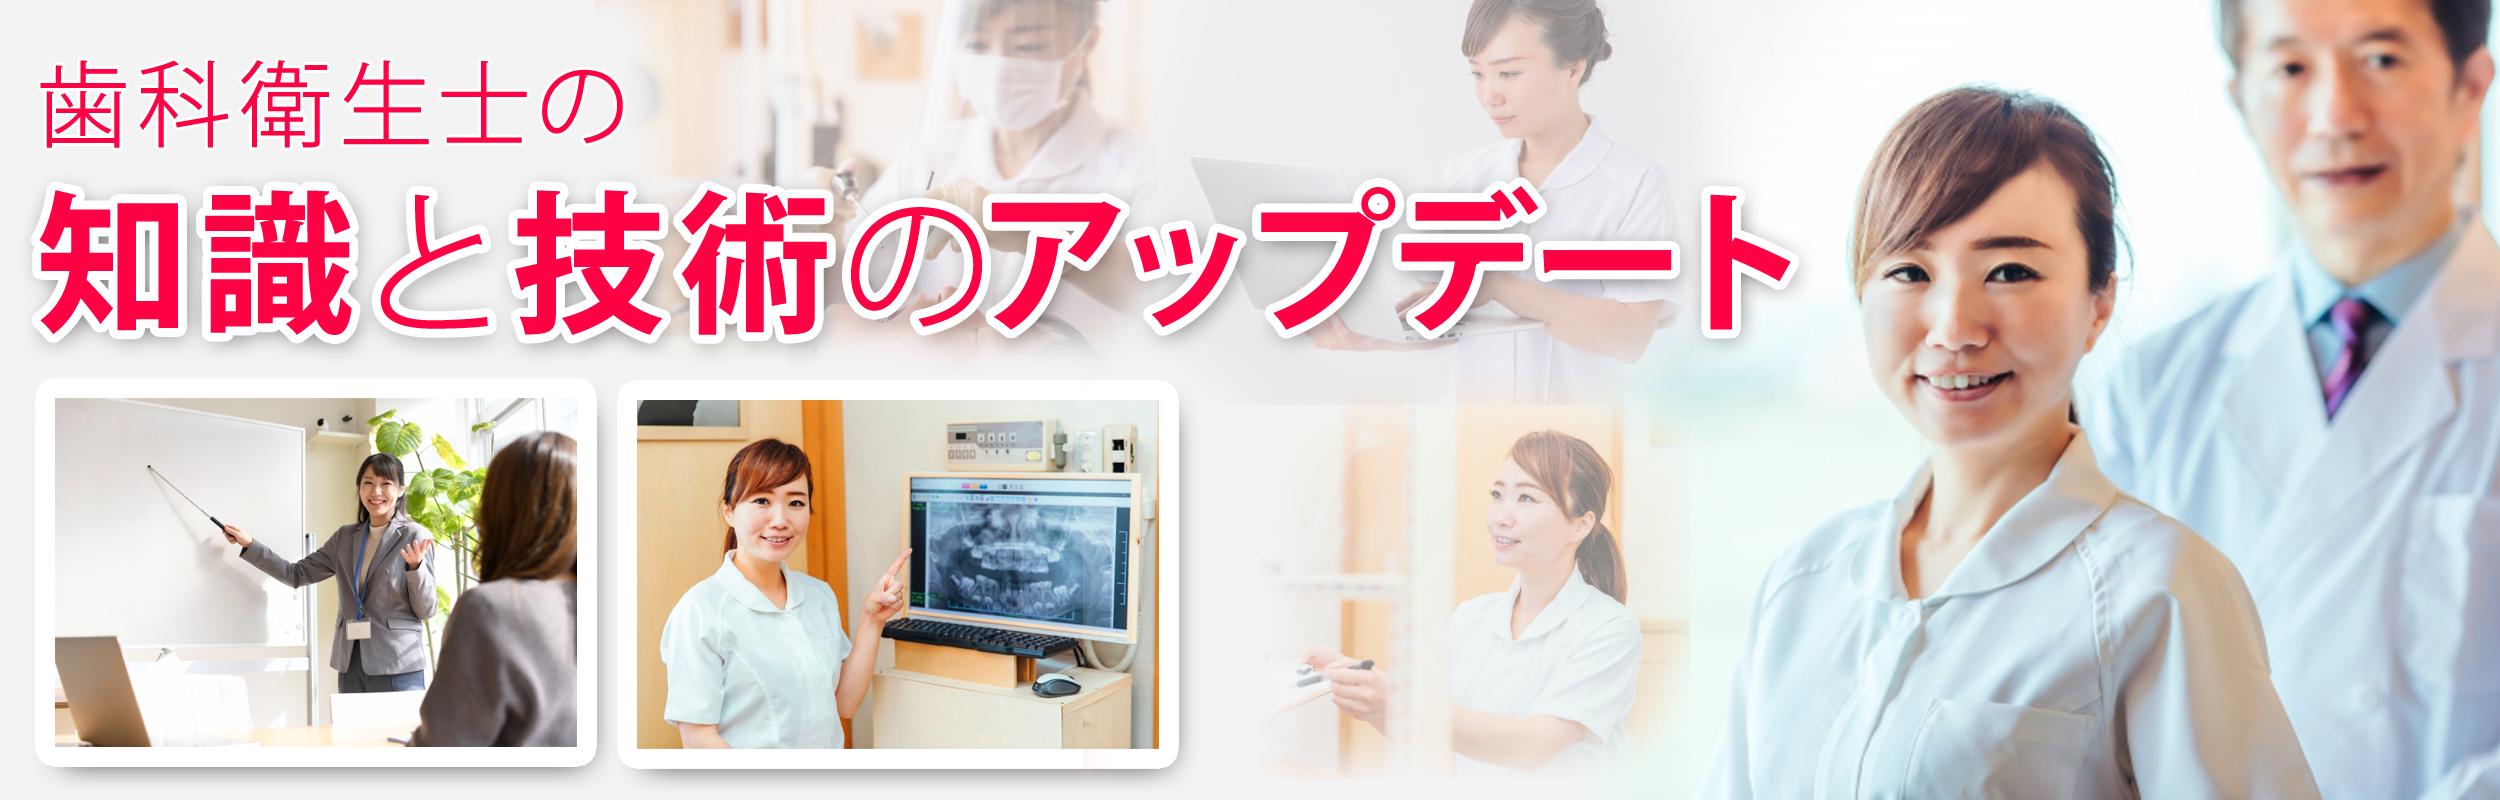 歯科衛生士の知識と技術のアップデート